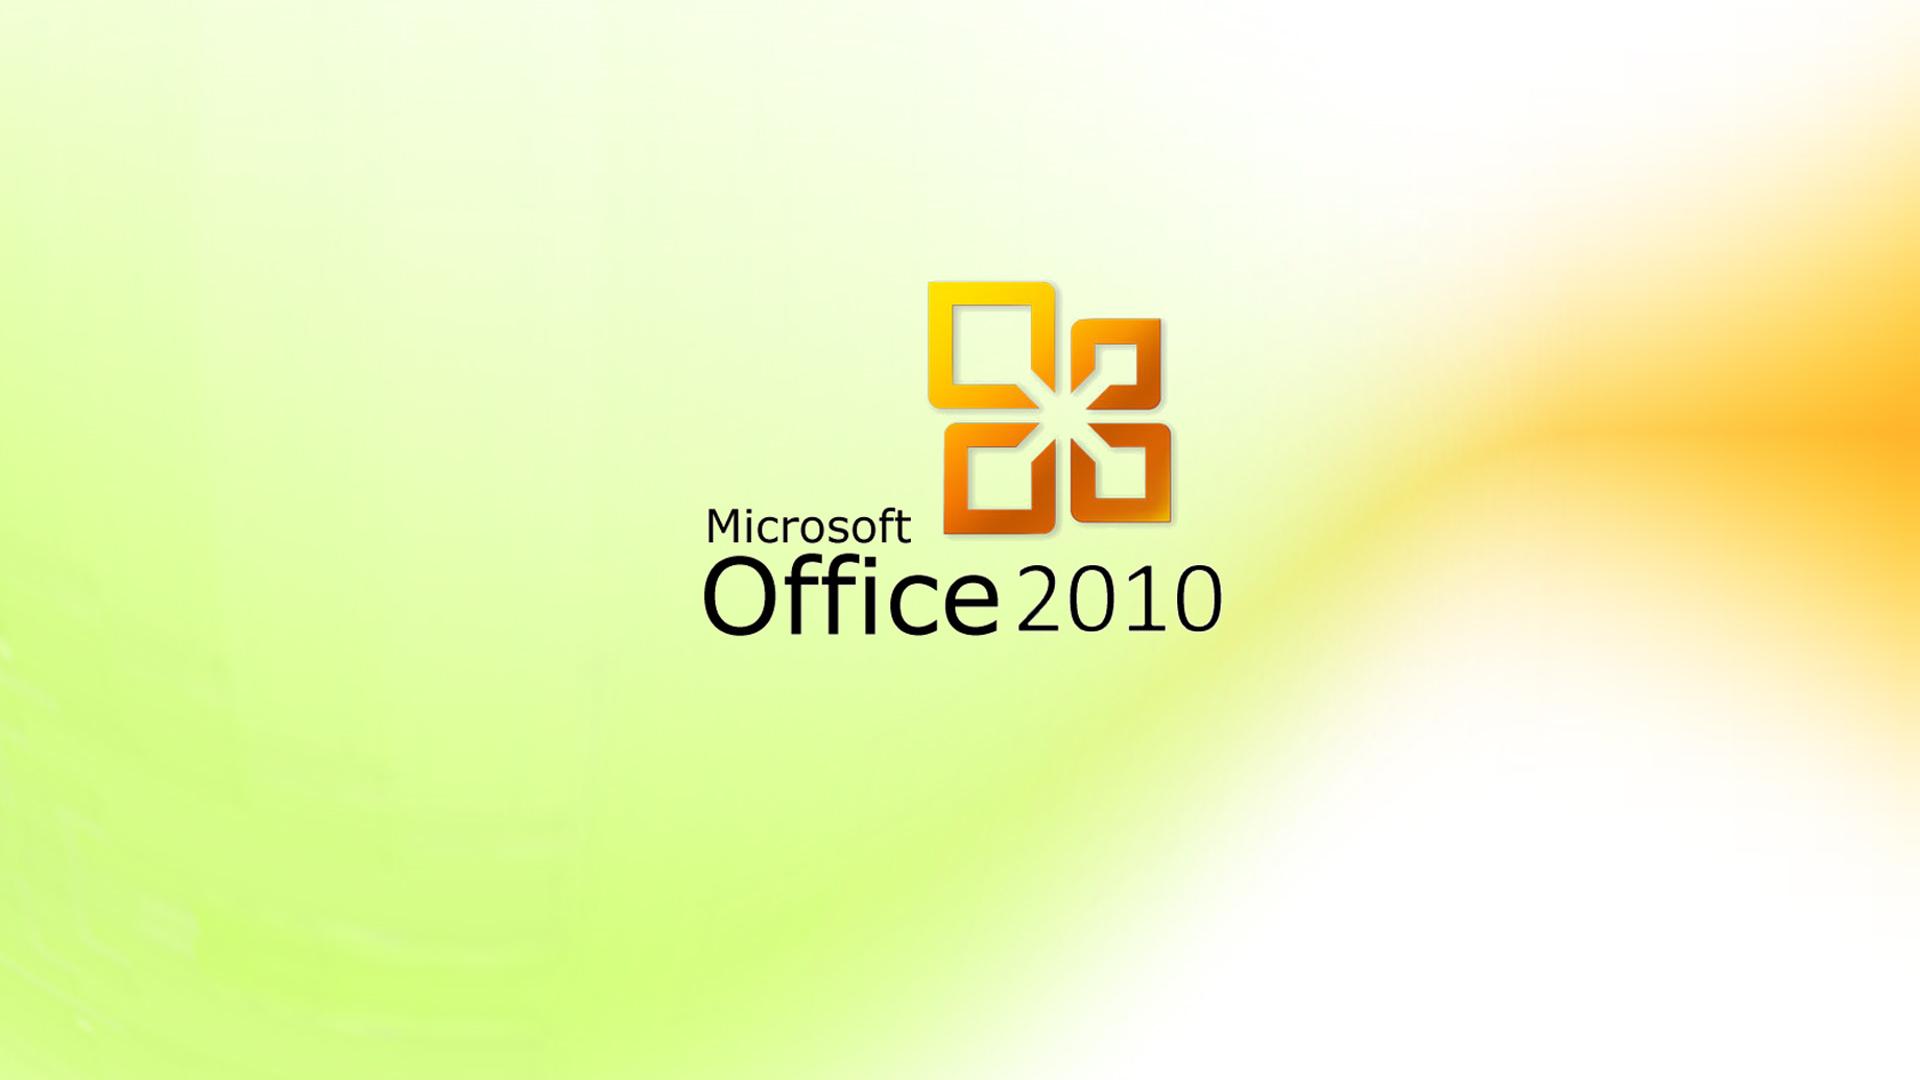 скачать word office 2010 бесплатно